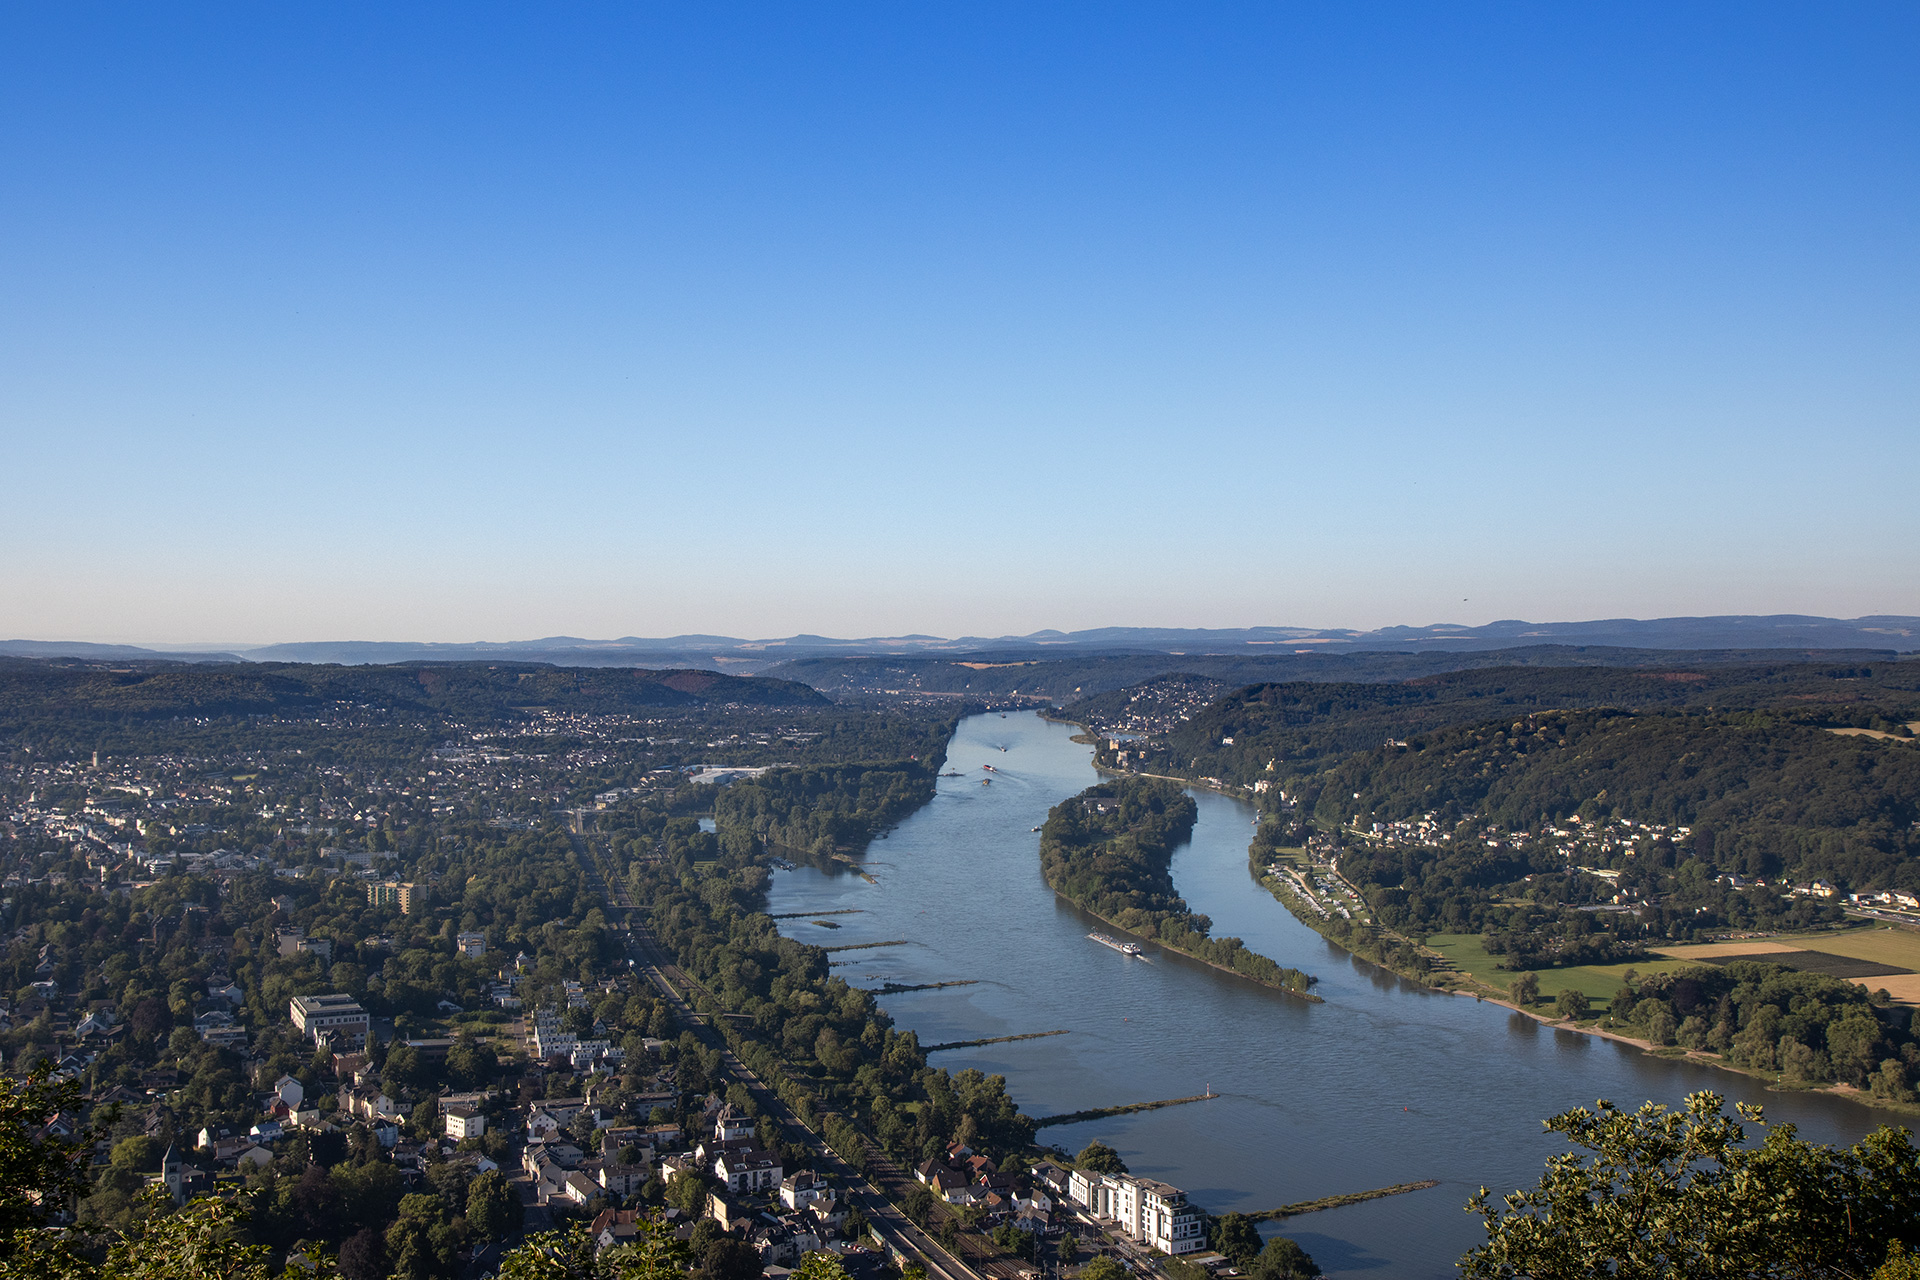 Kann mich nur wiederholen: ich liebe diese Ausblicke auf das Rheintal.